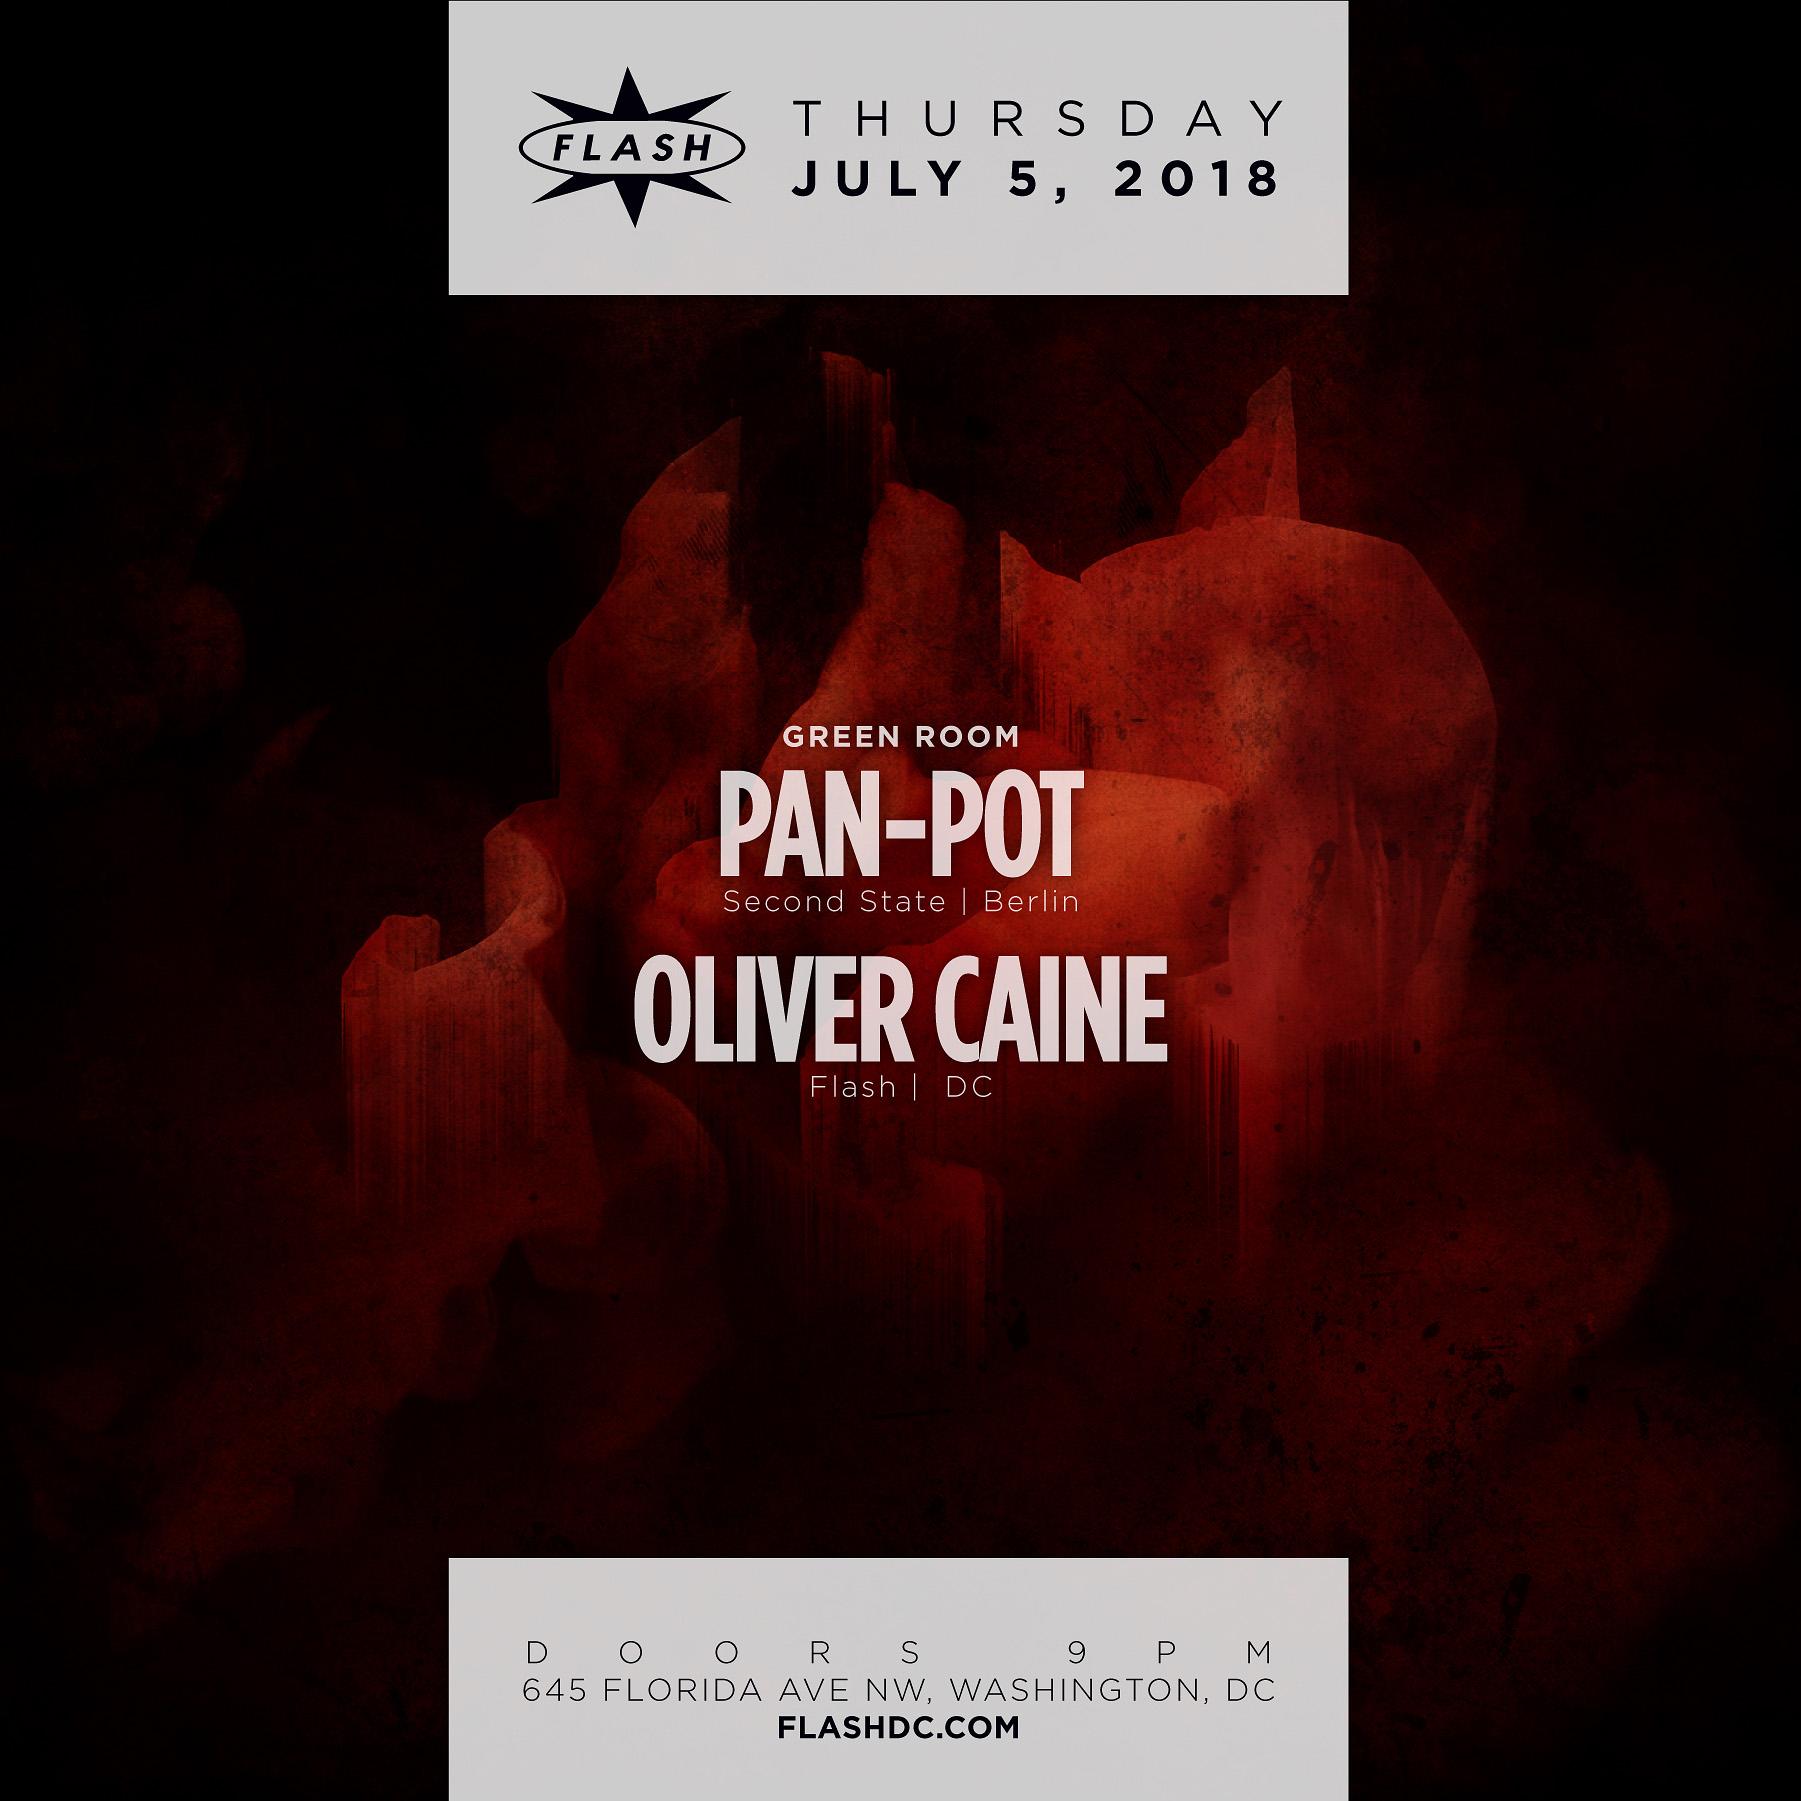 Pan-Pot event thumbnail